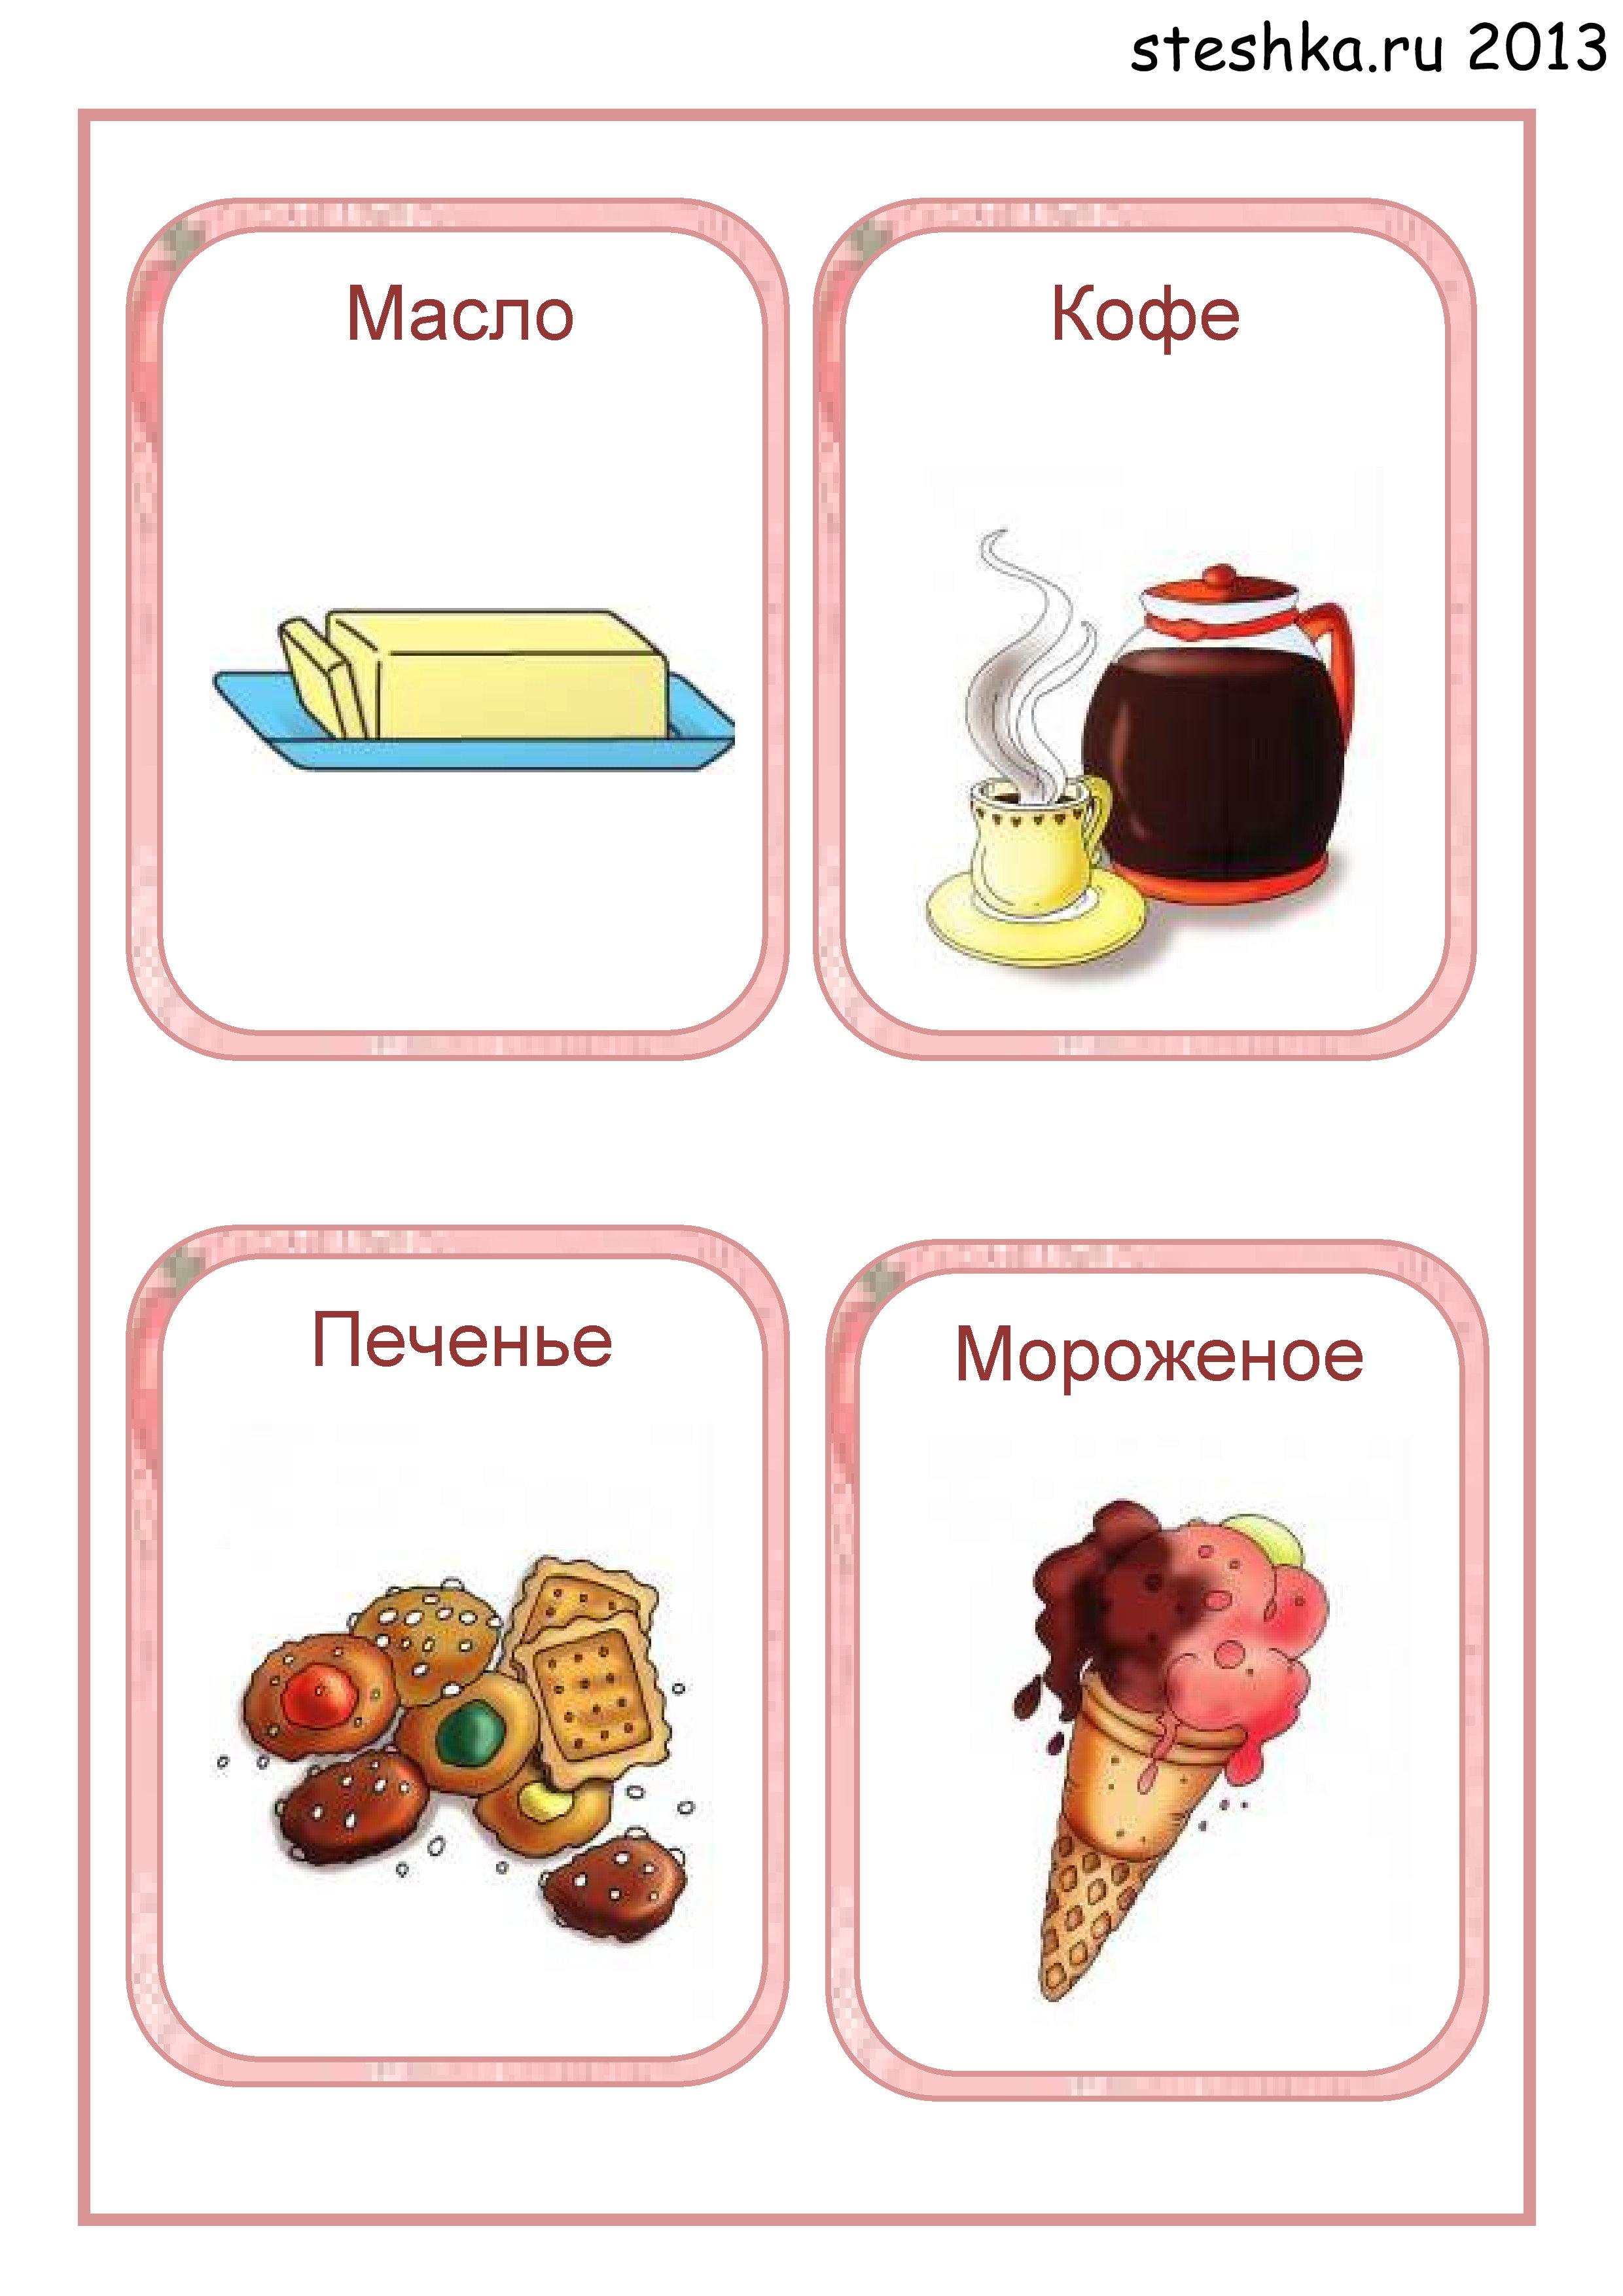 какие продукты можно кушать для похудения